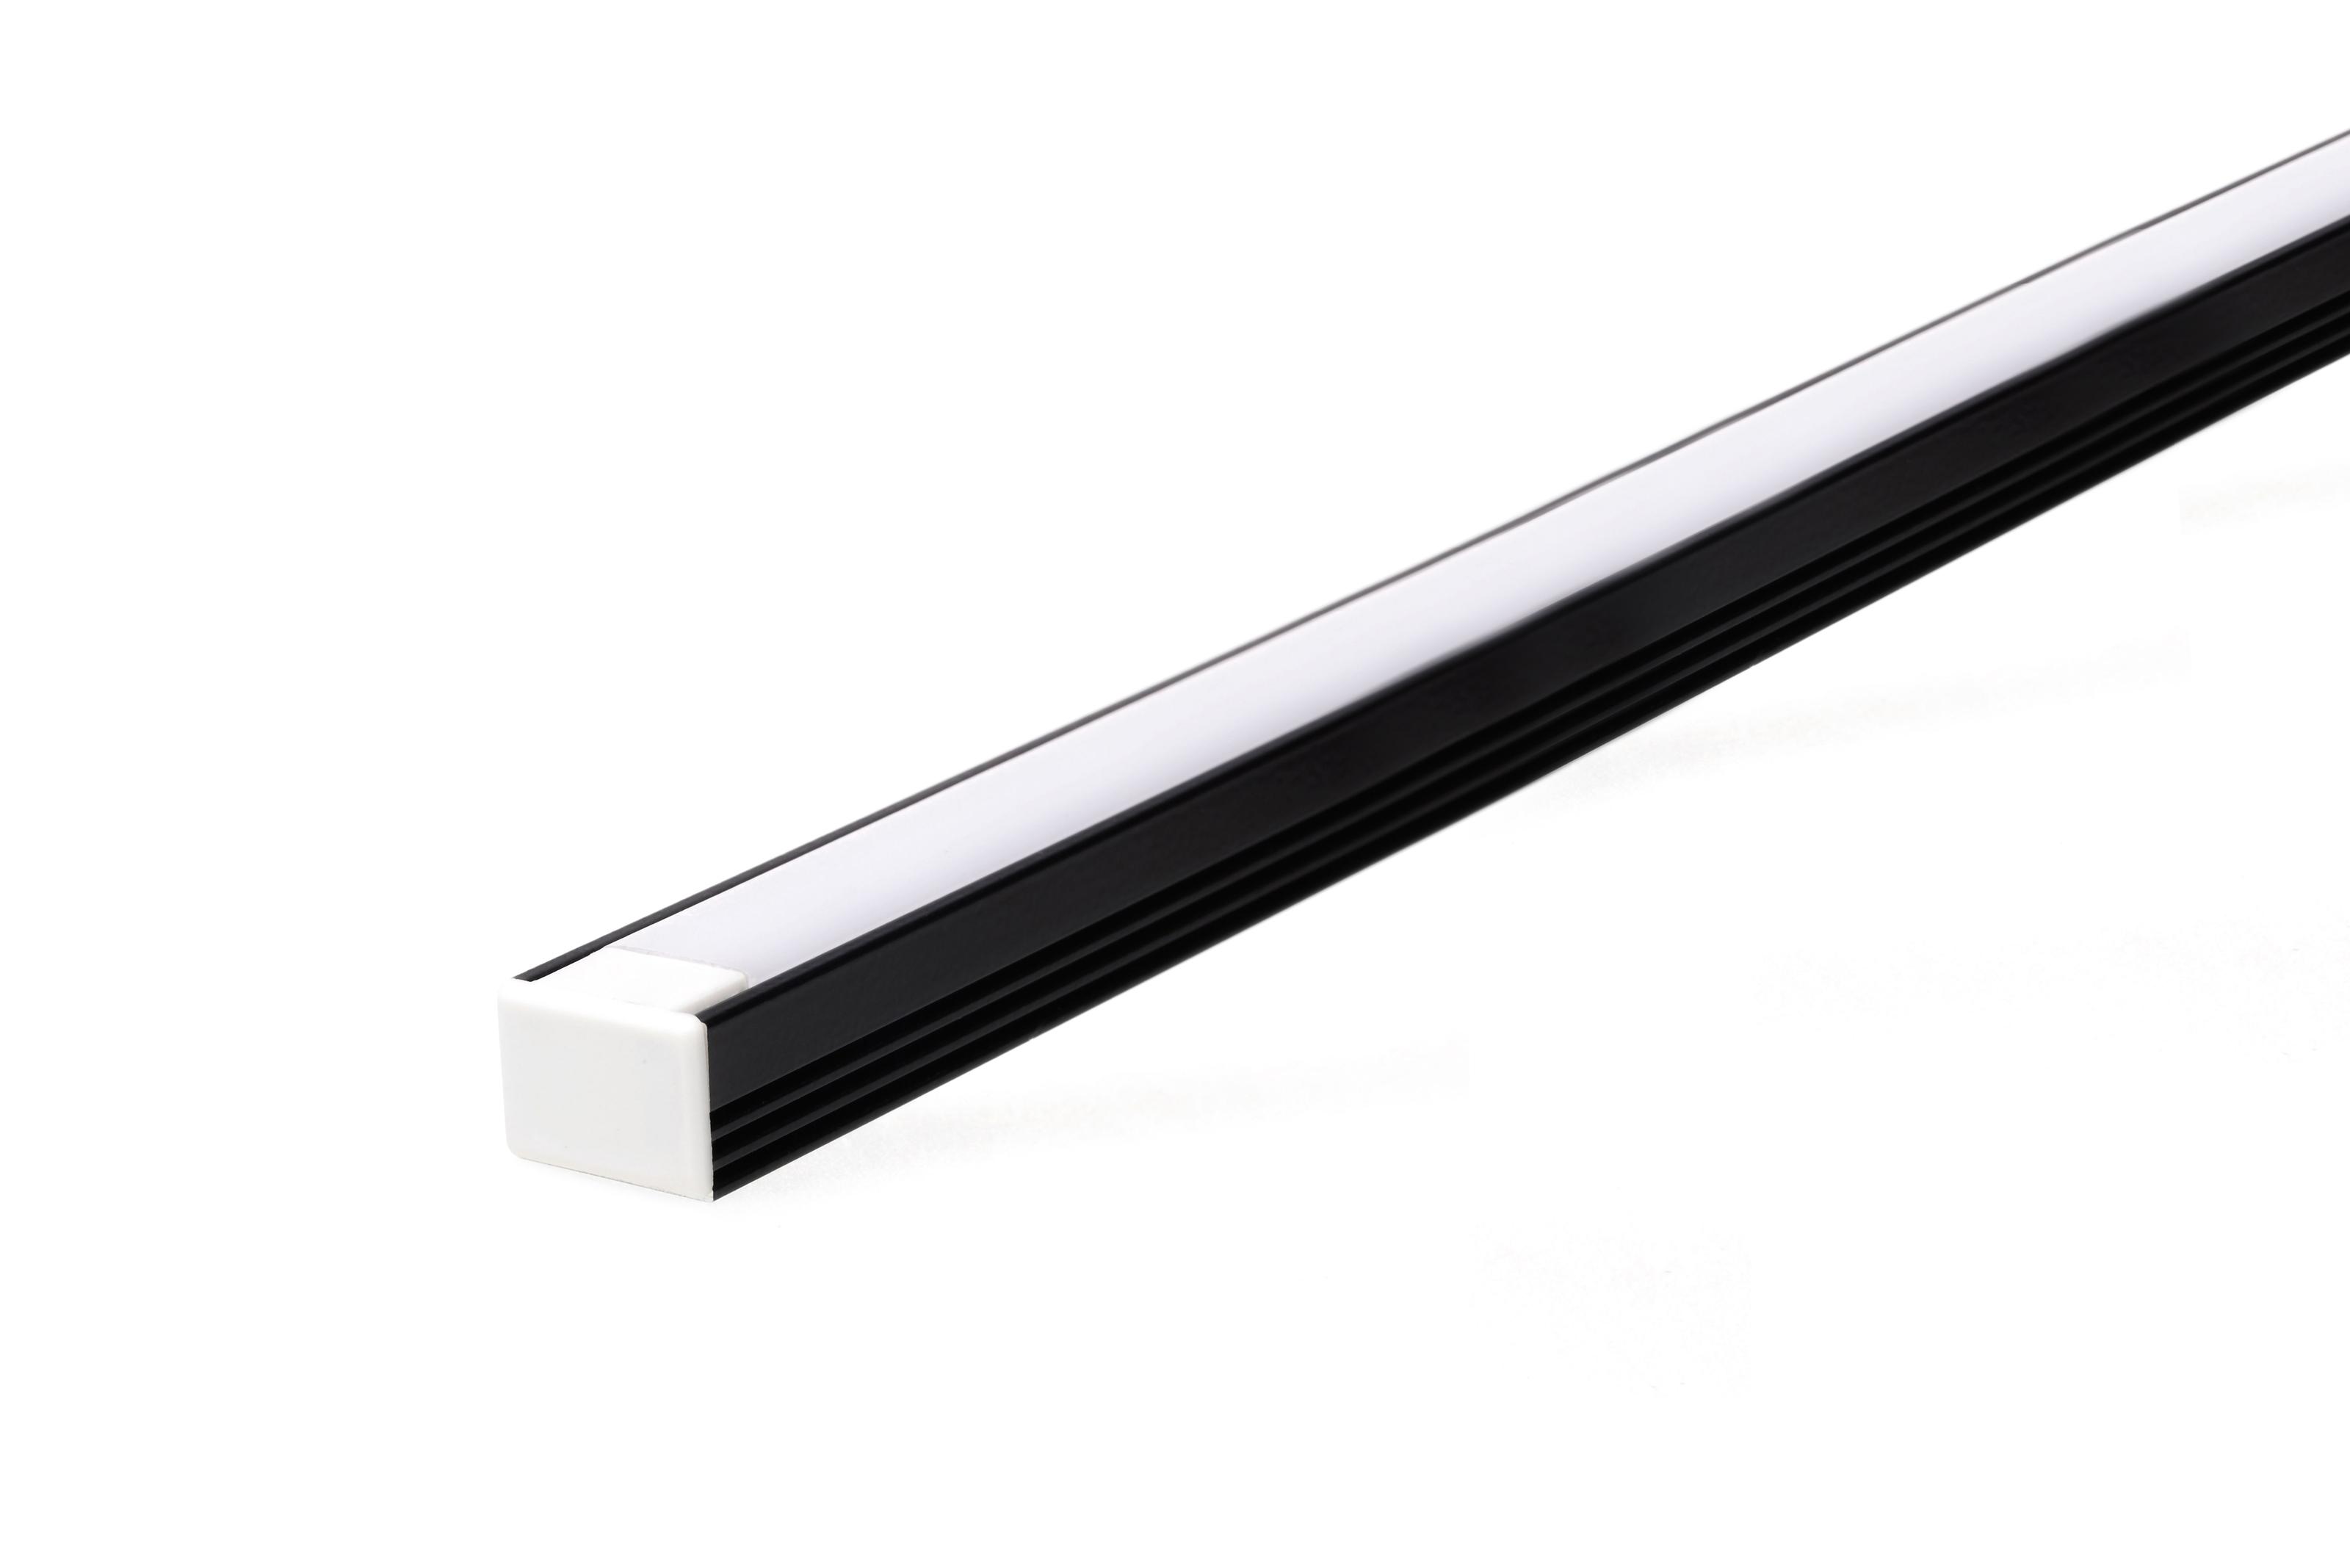 lightline-mini-square-1-mj-lighting-v2